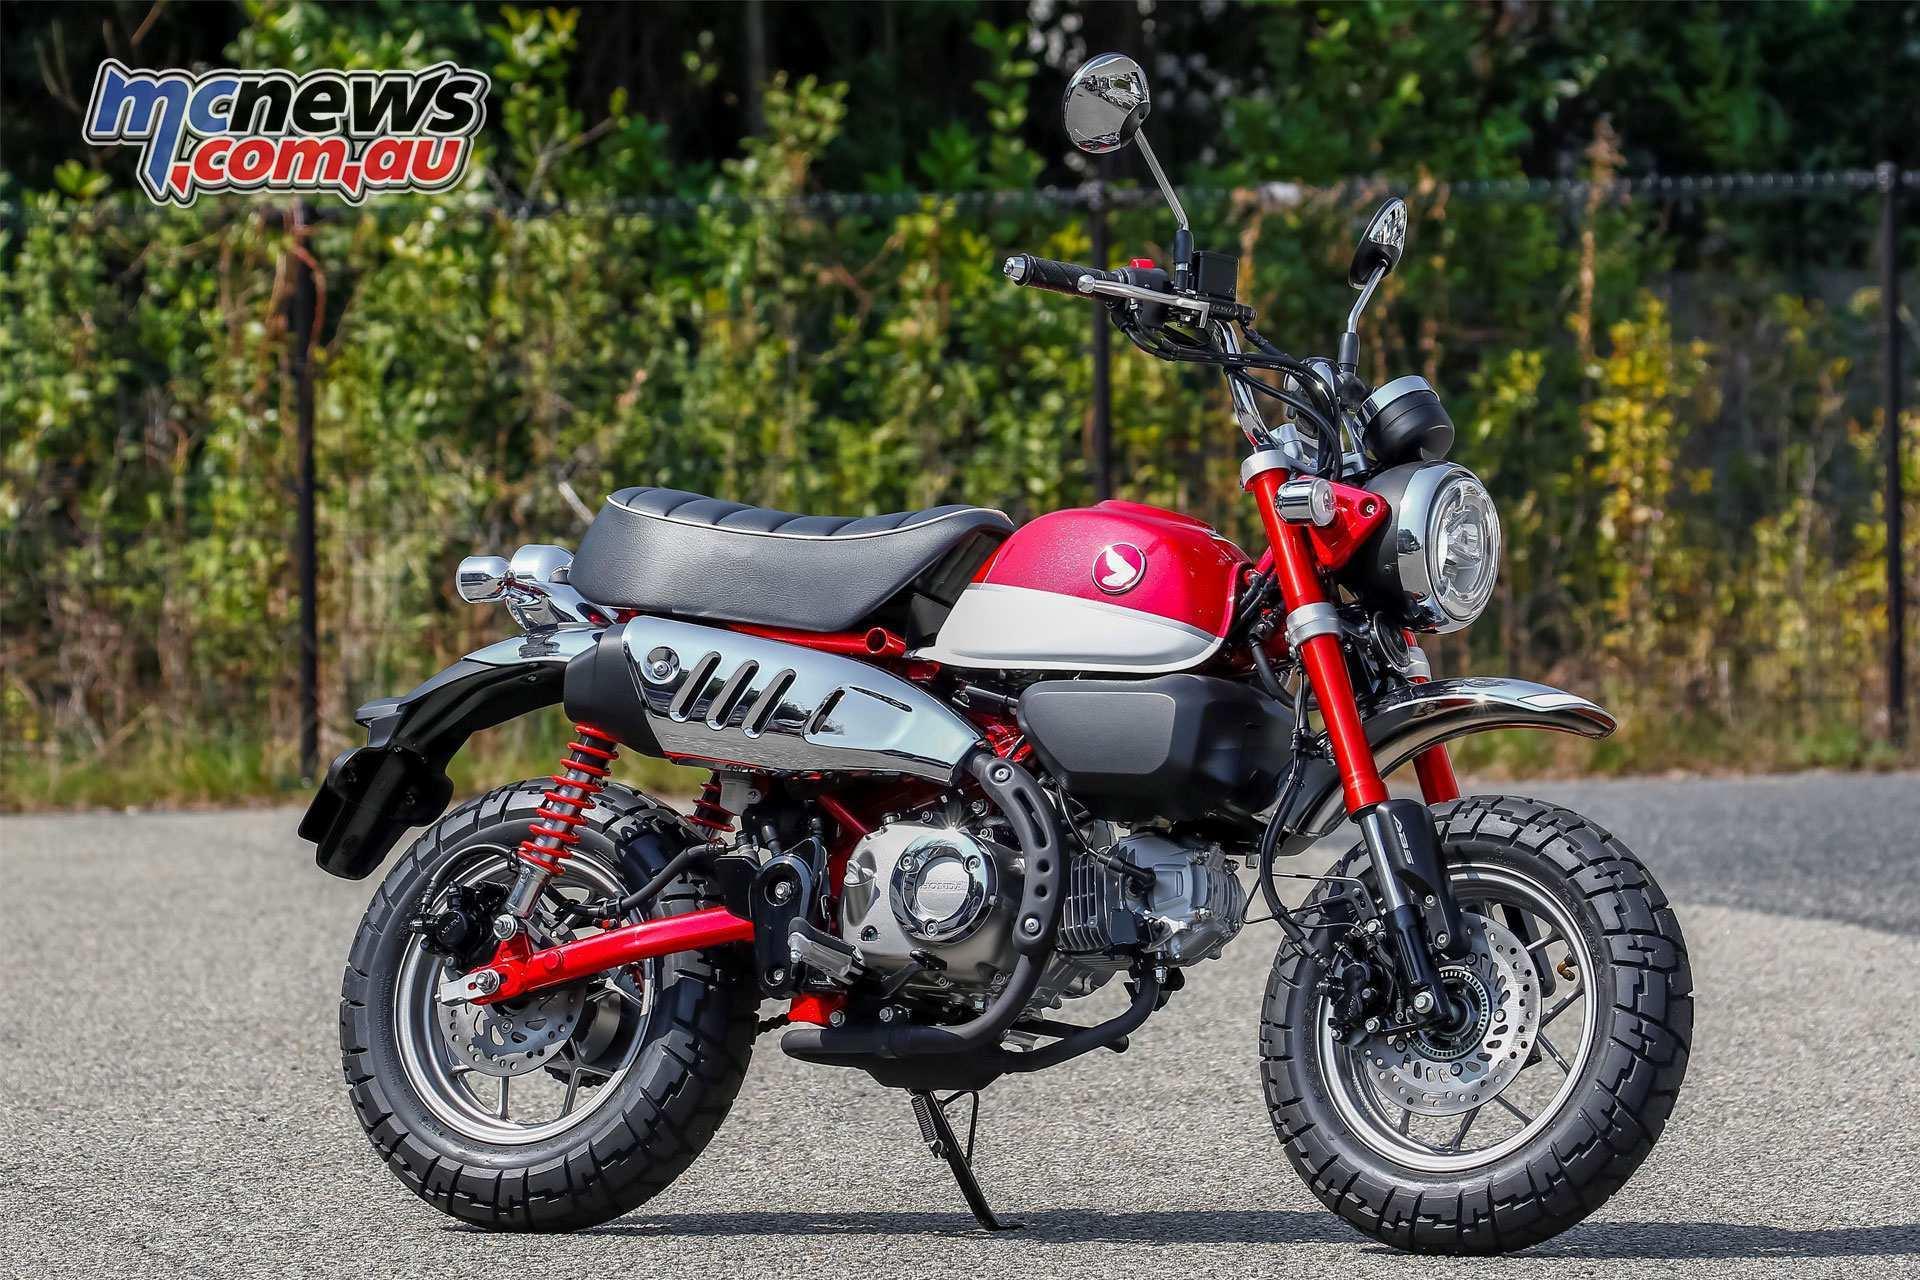 86 Great Monkey Honda 2019 Price Spesification by Monkey Honda 2019 Price